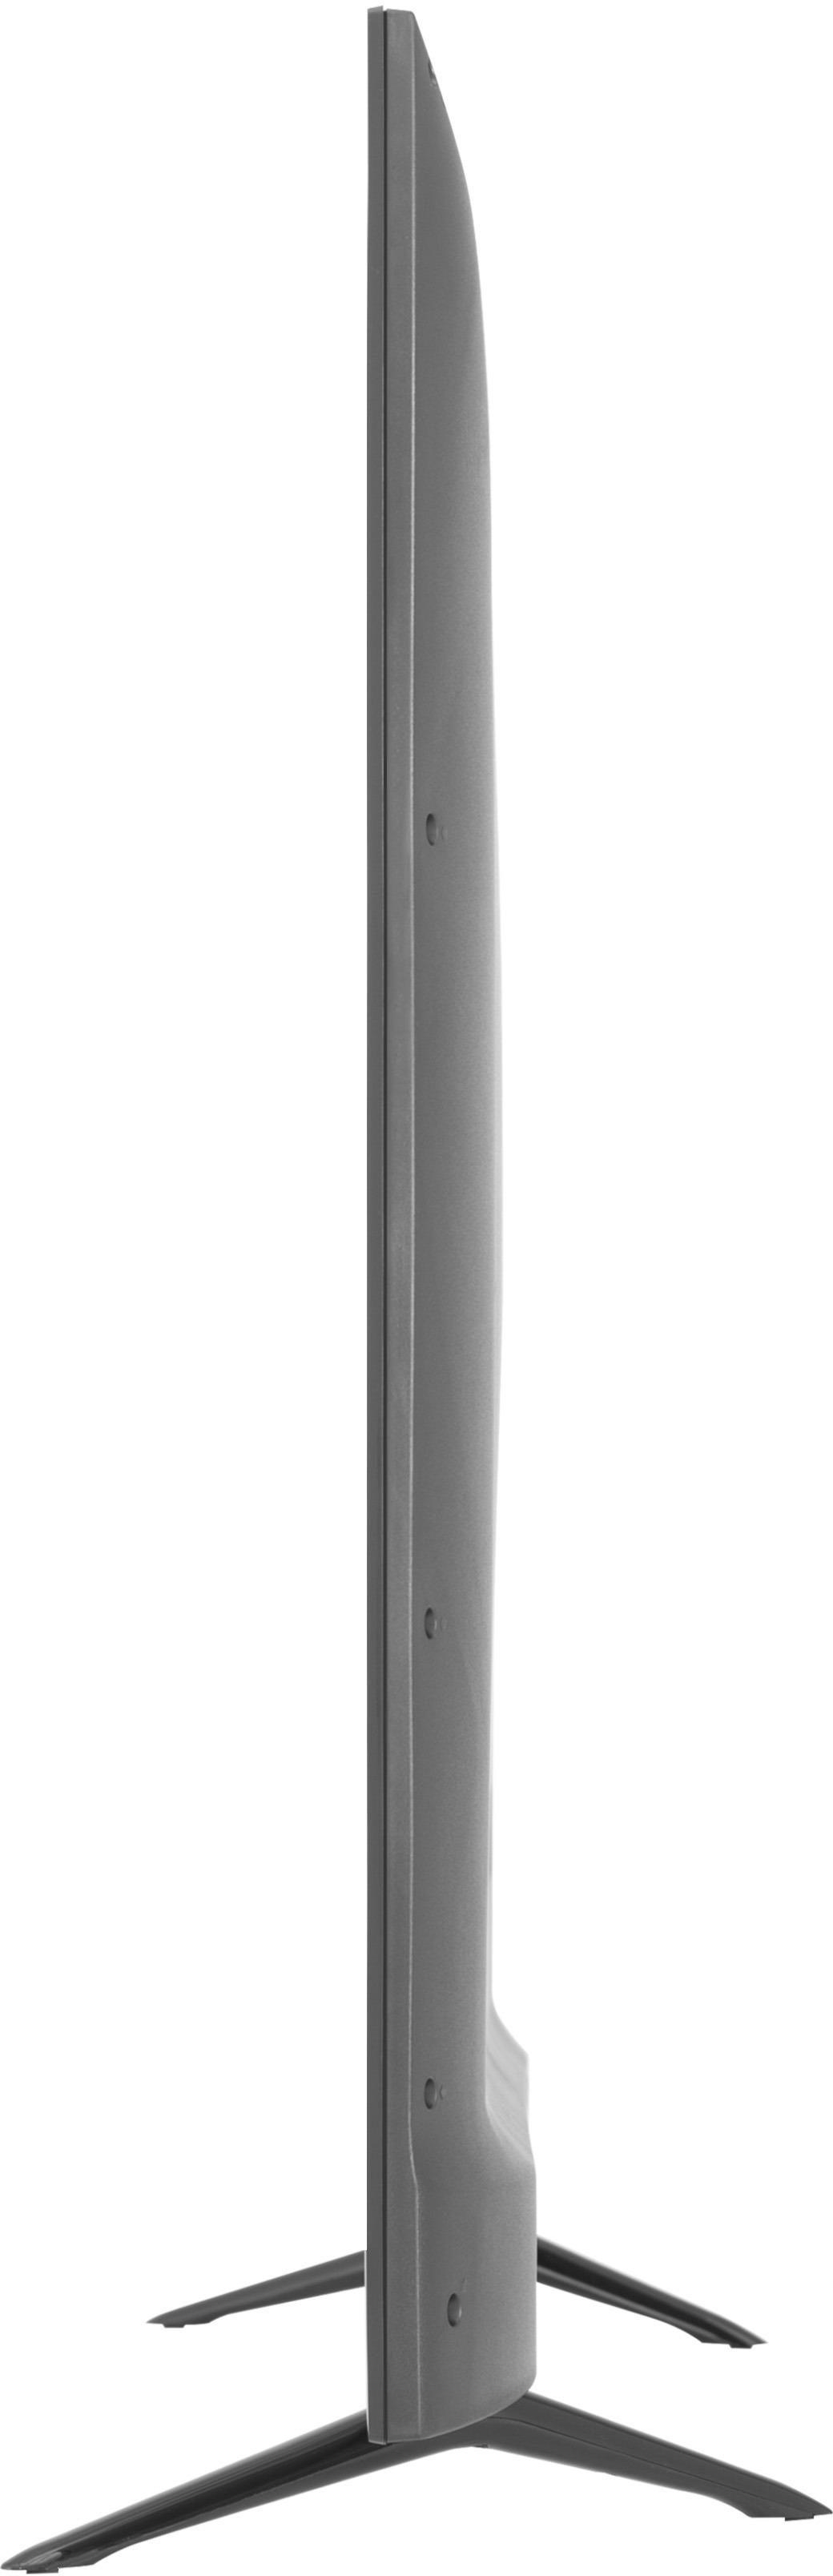 """Tete De Lit Haut De Gamme De Luxe Best Buy Hisense 50"""" Class Led H8 Series 2160p Smart 4k Uhd Tv with"""